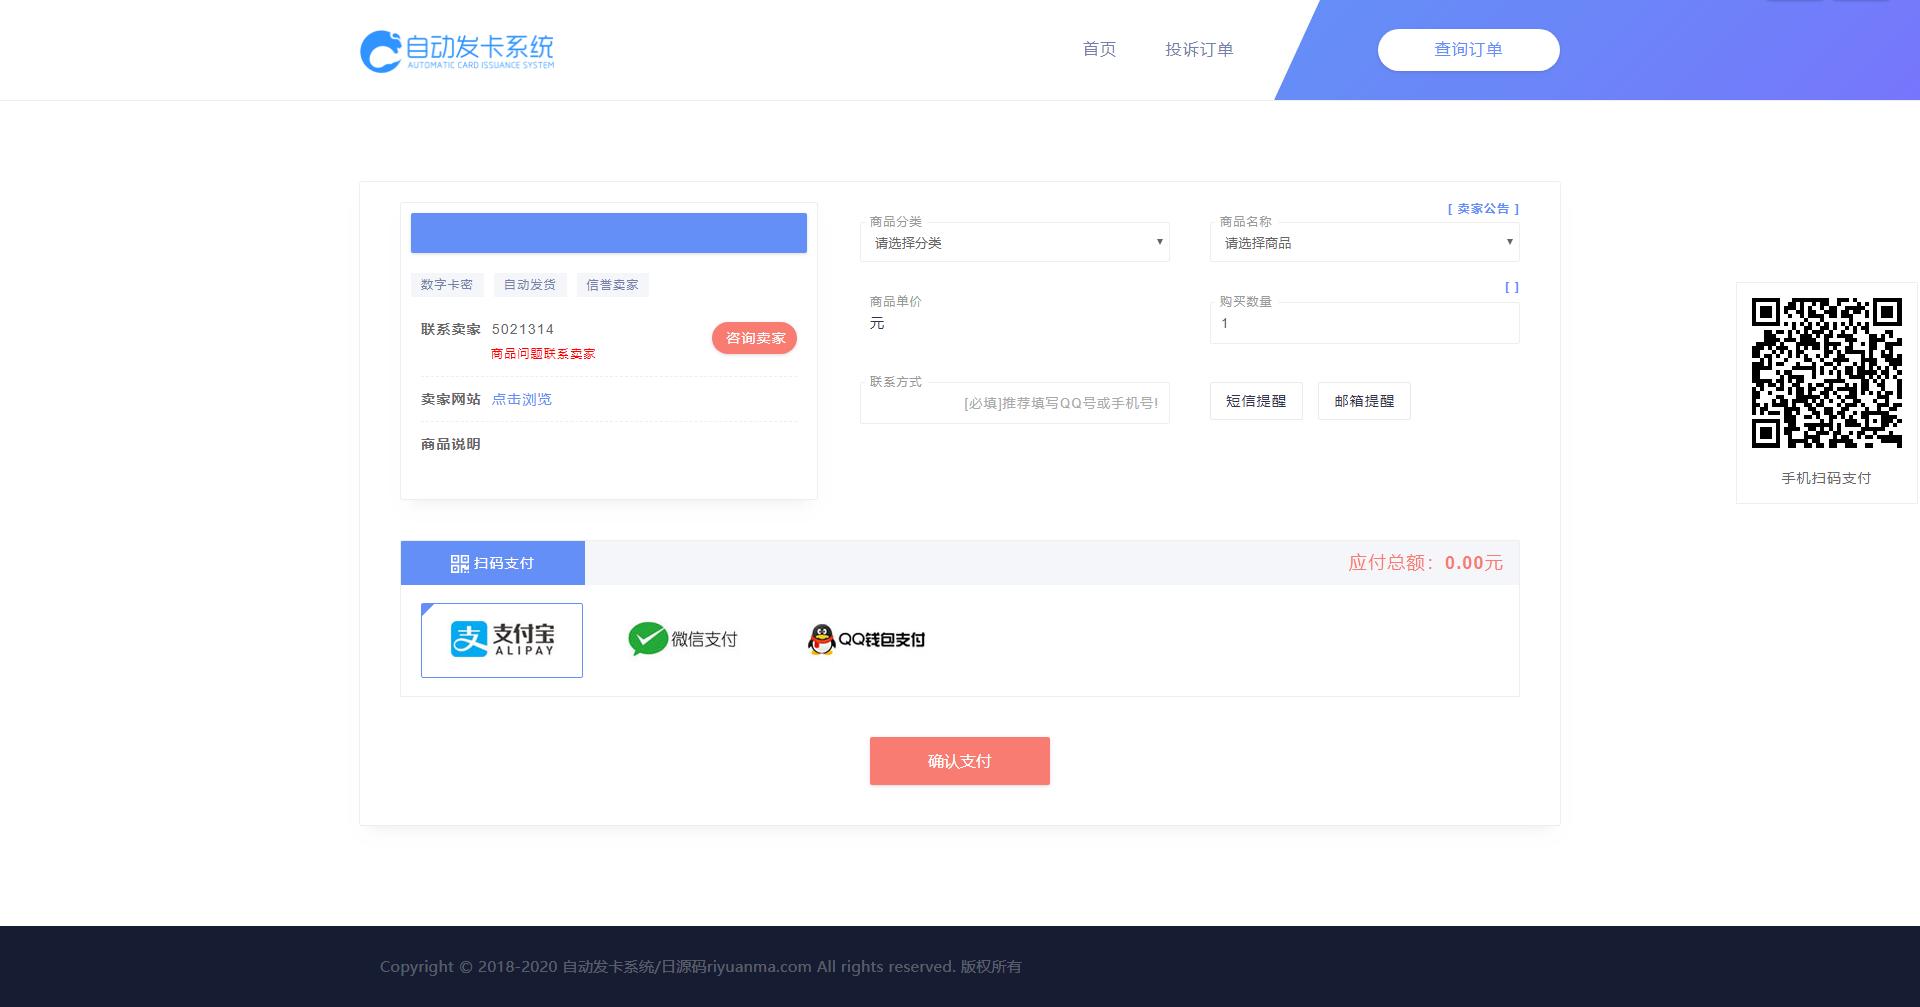 【亲测】自动发卡平台系统企业版源码无需授权即可使用